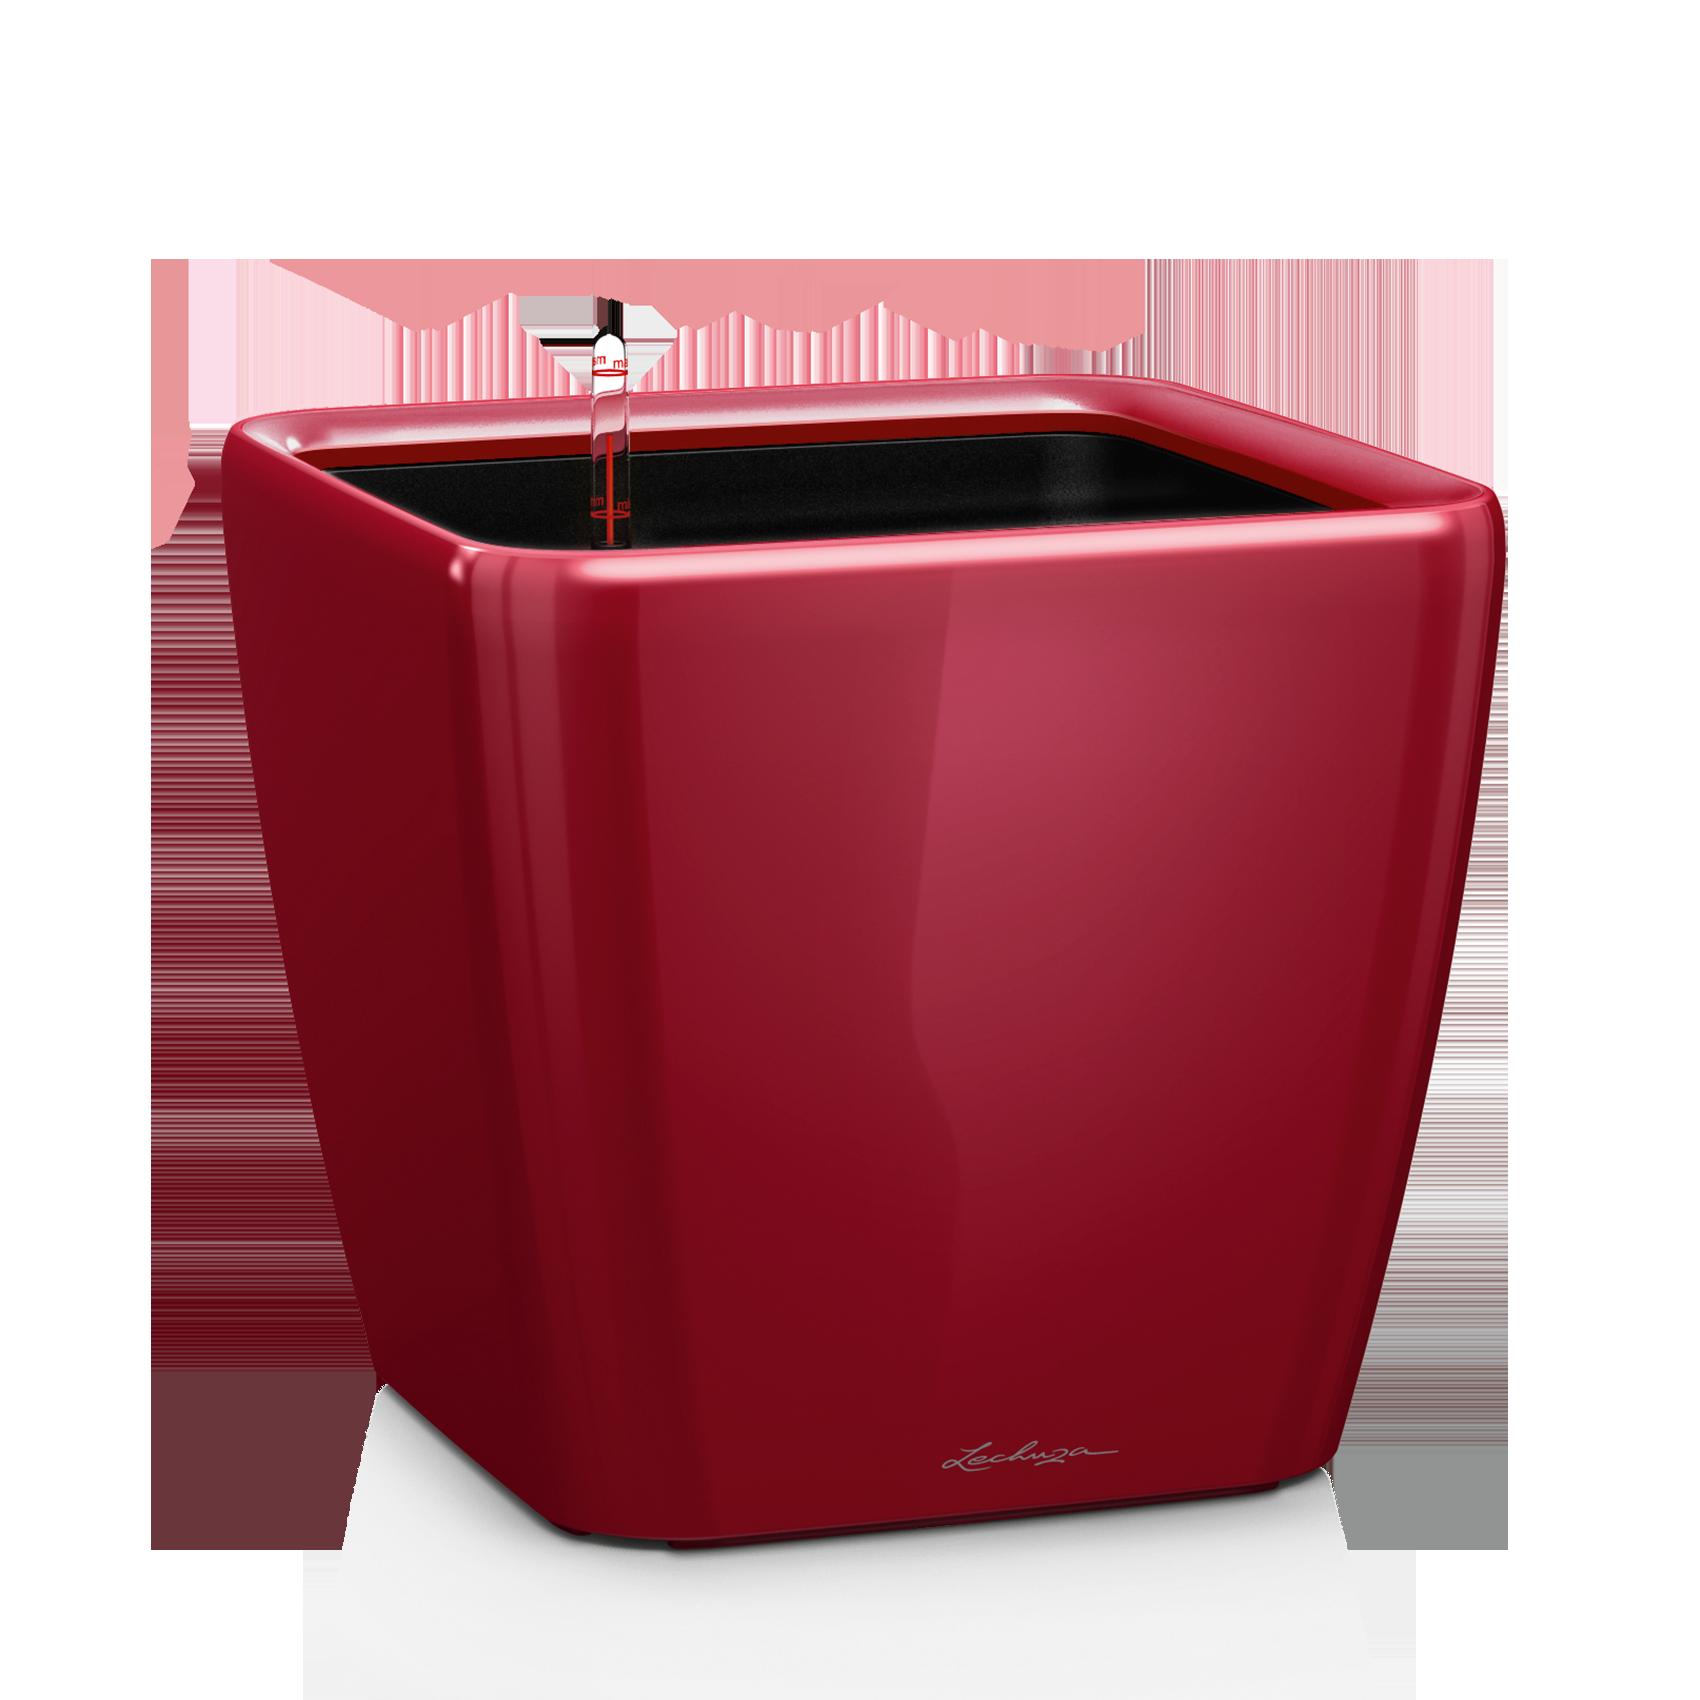 QUADRO LS 28 Ярко-красный блестящий